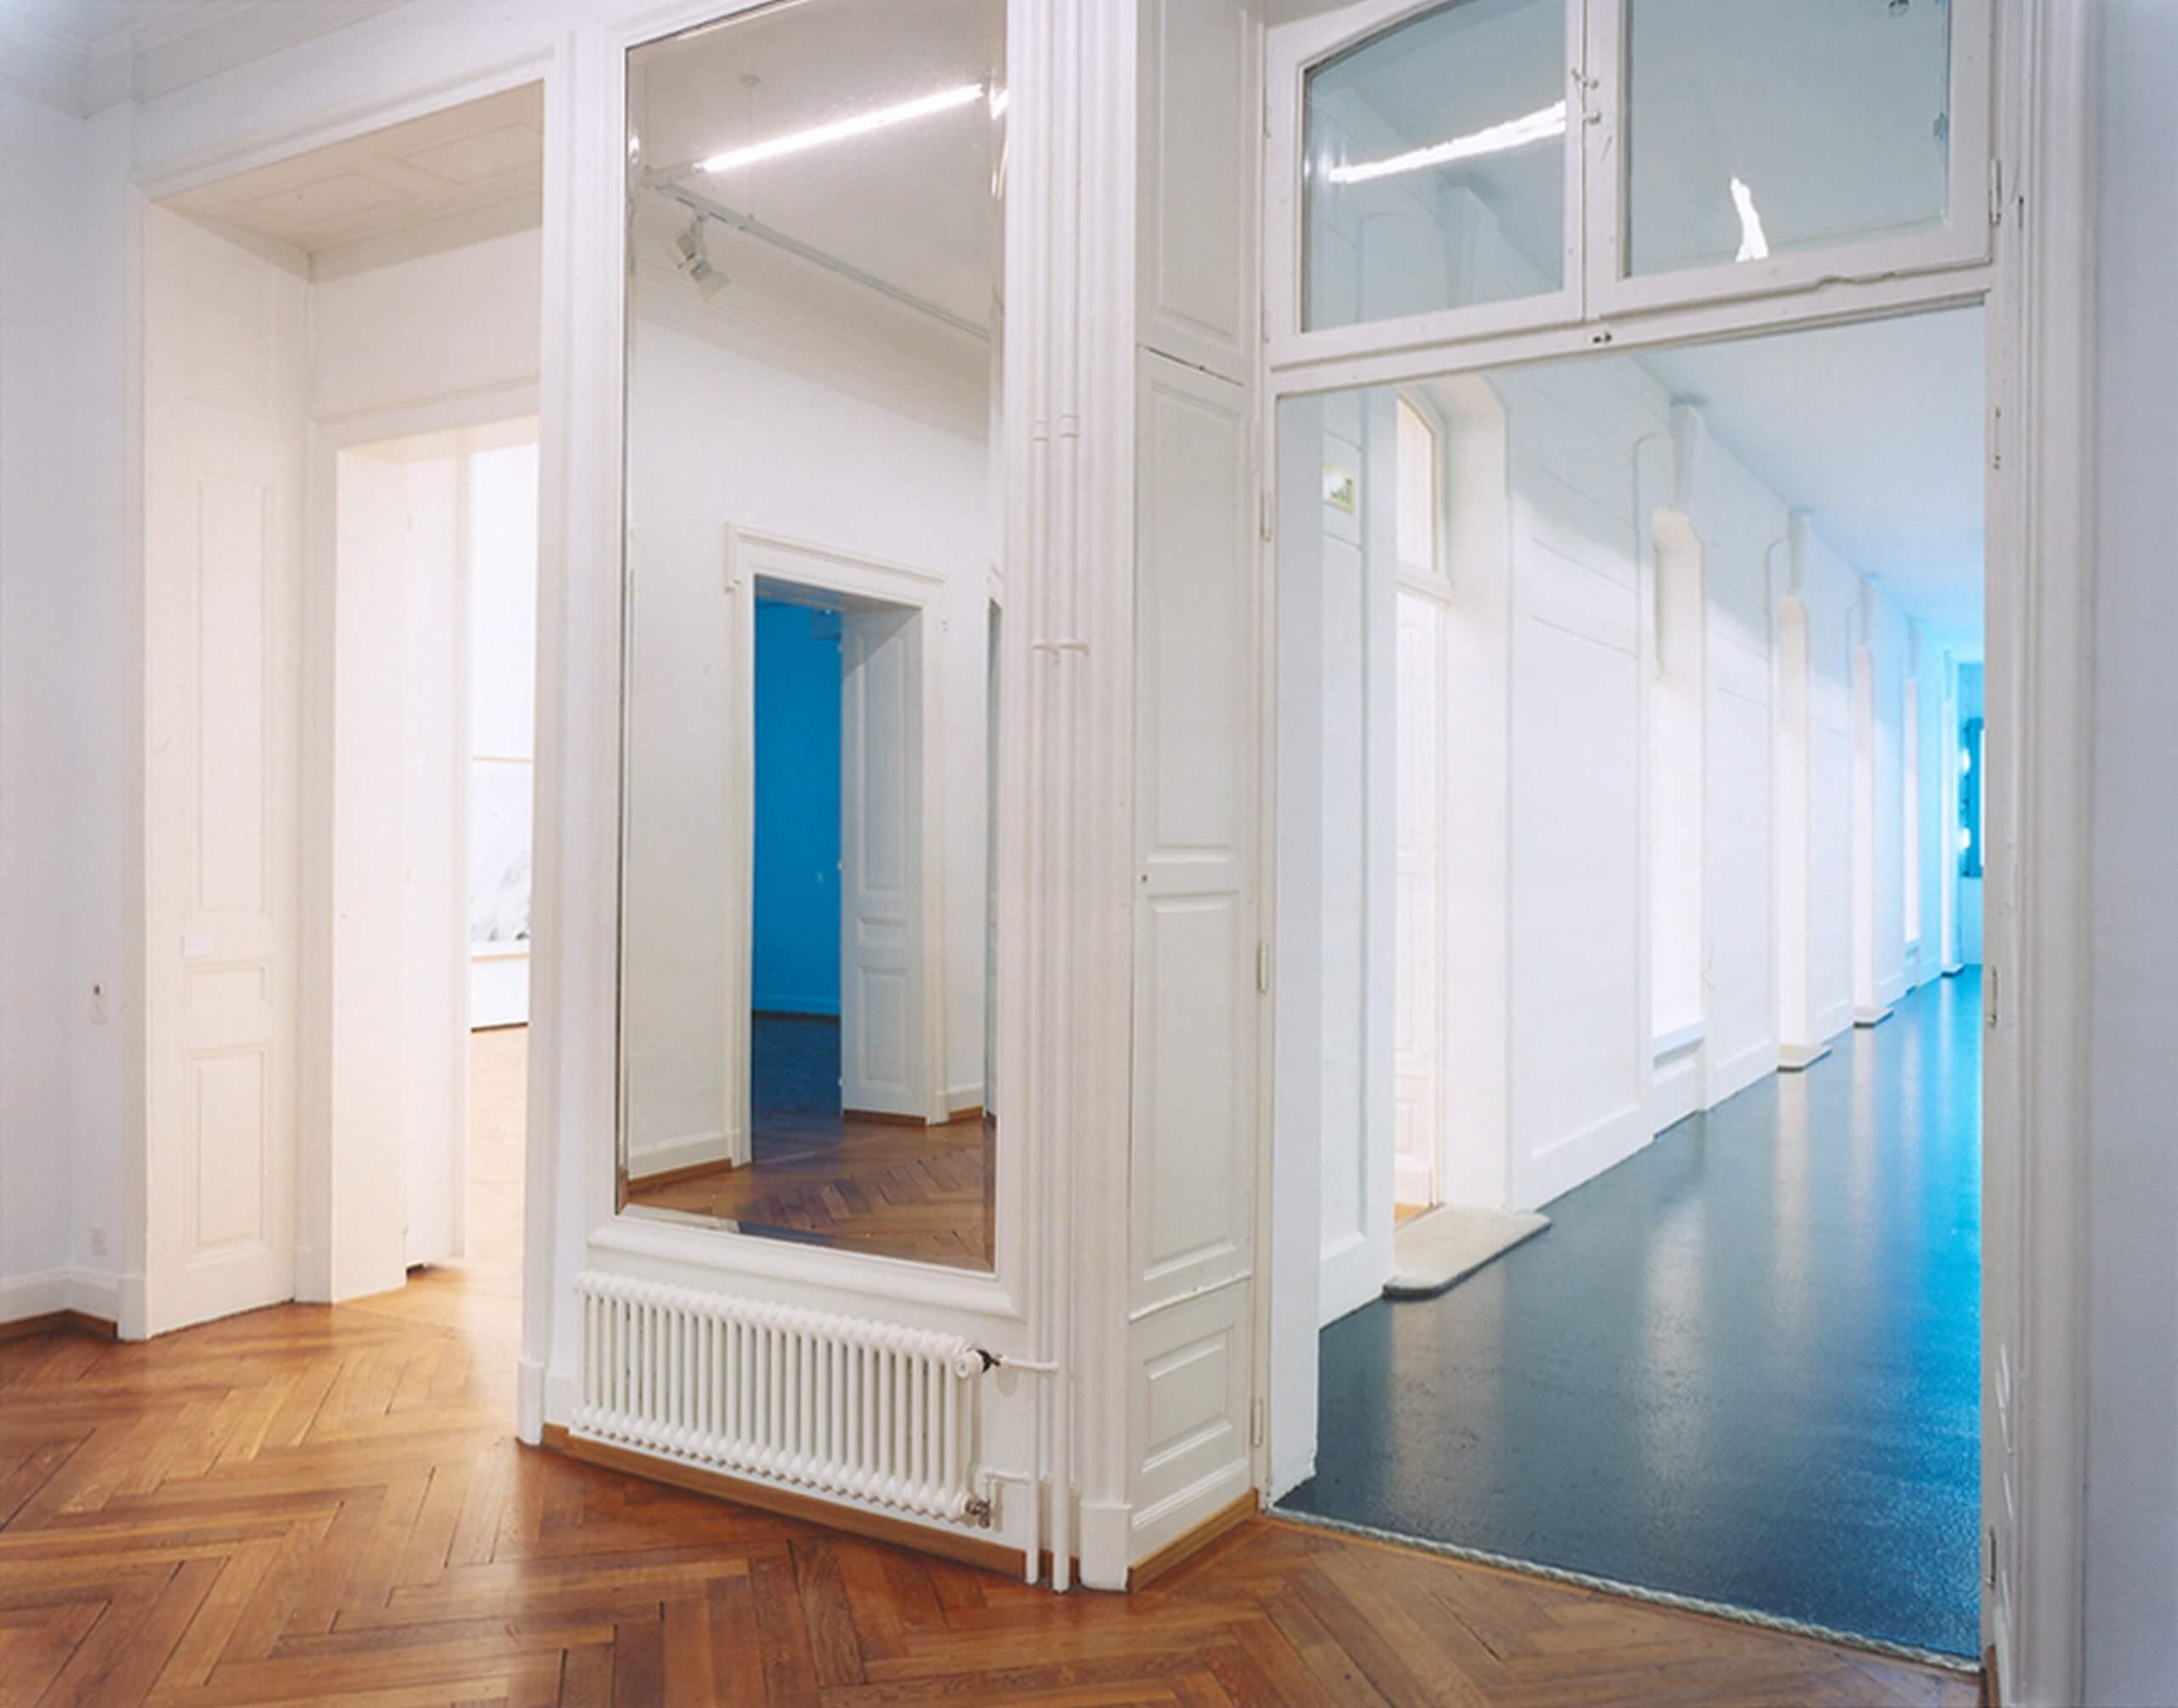 thun-kunstmuseum-ausstellungsraum